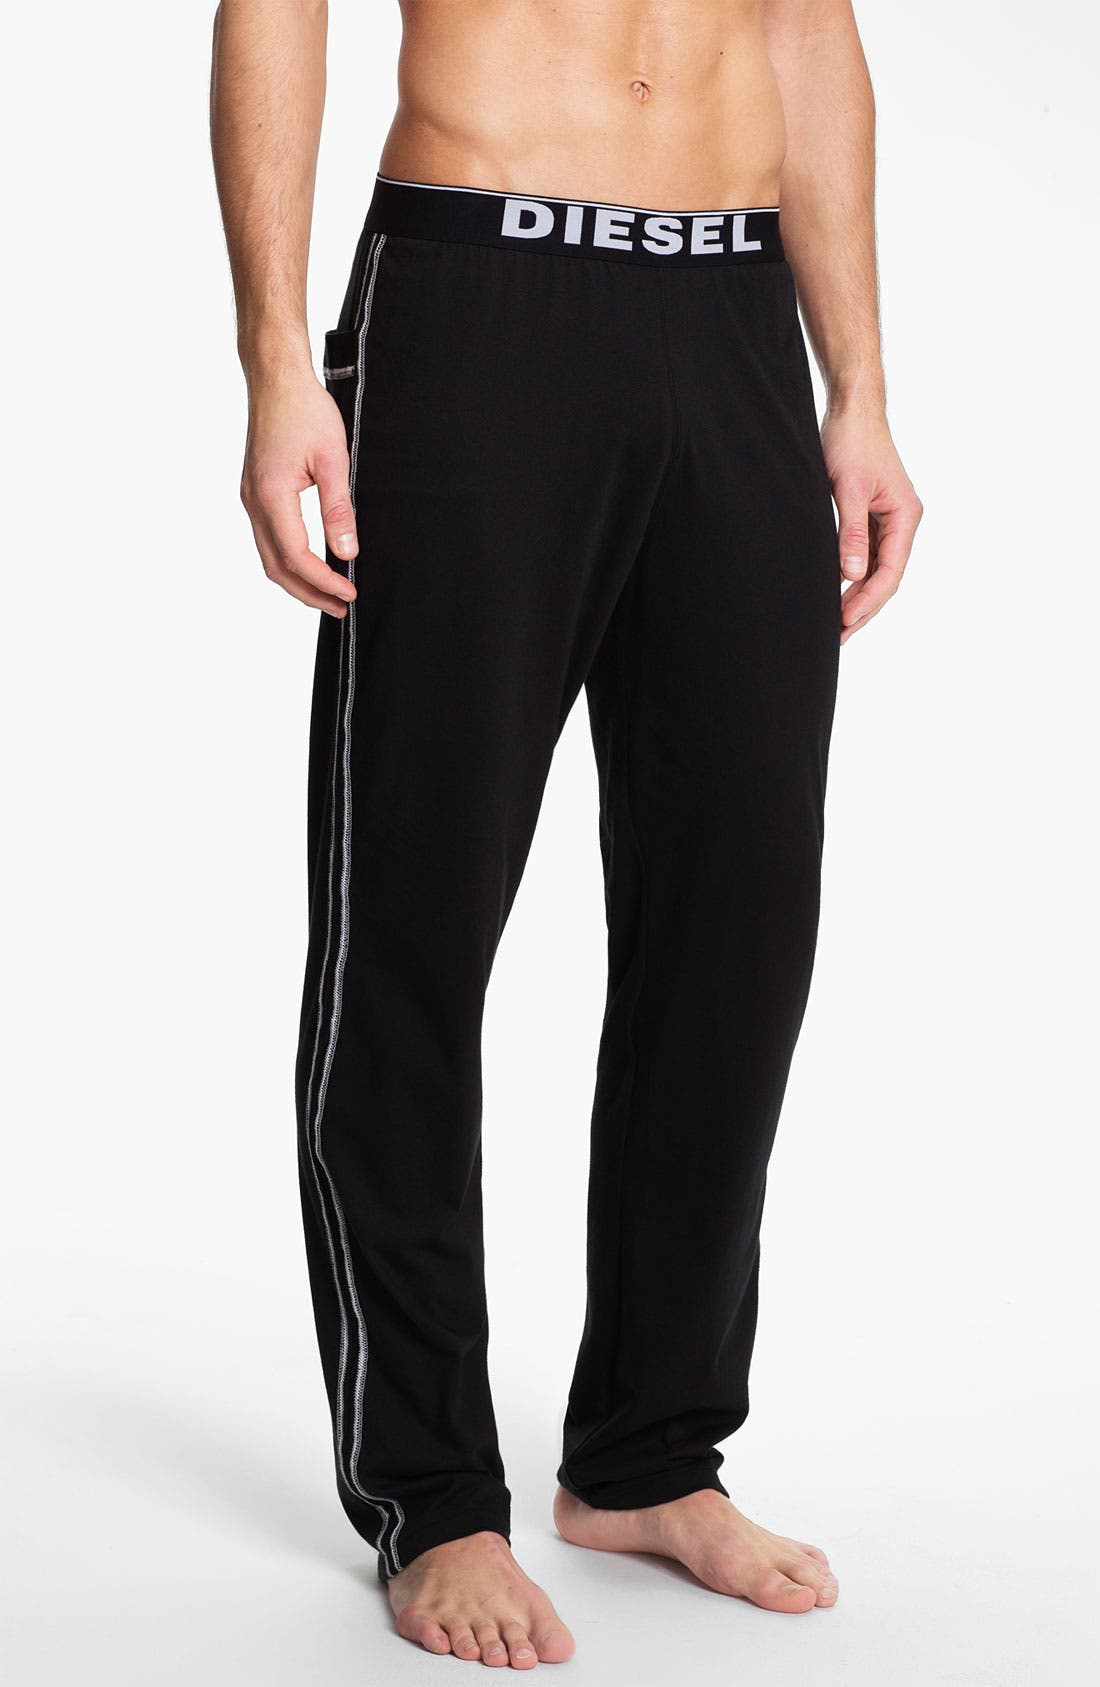 Alternate Image 1 Selected - DIESEL® 'Adonis' Lounge Pants